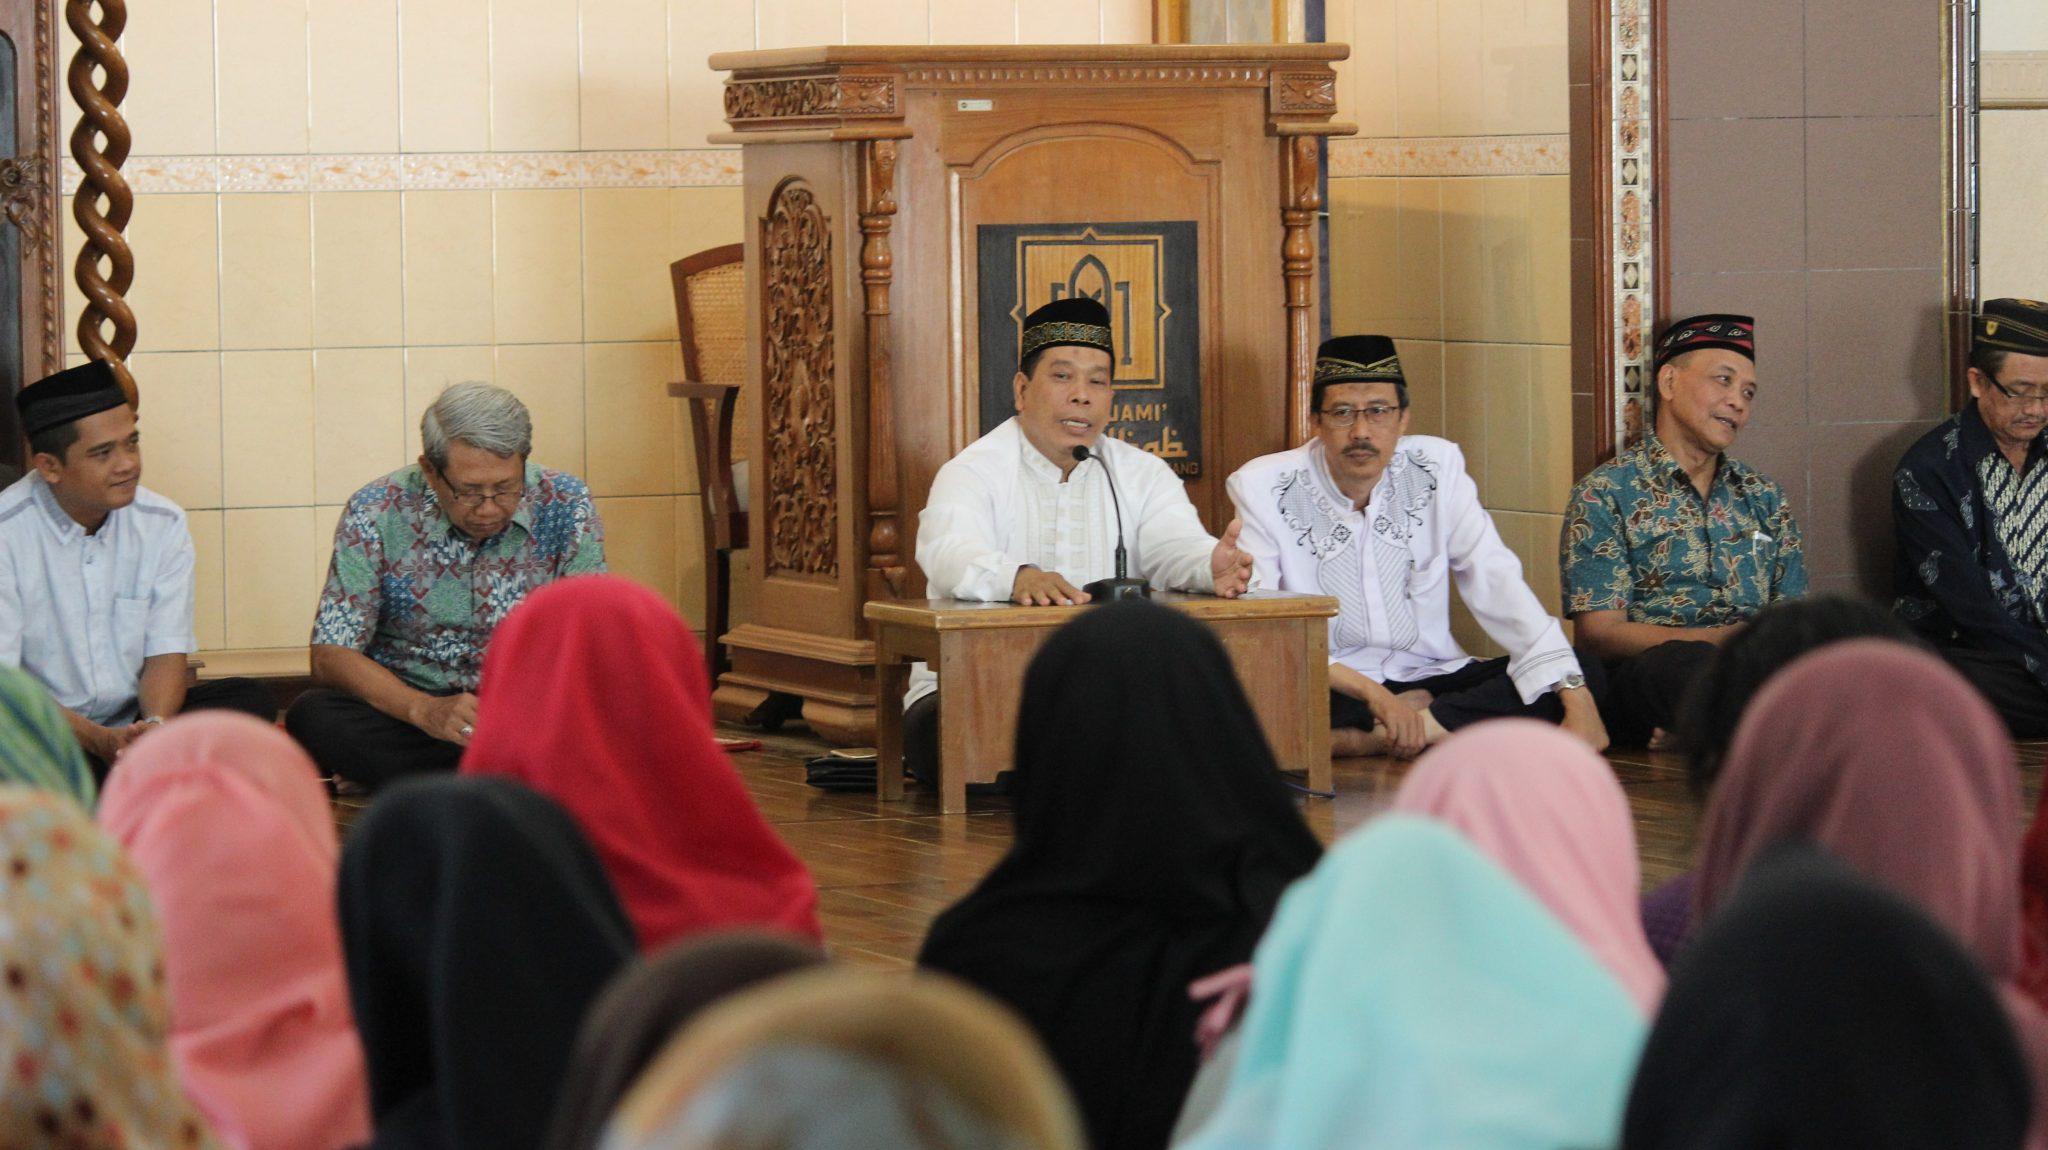 Silaturahmi dengan Mahasiswa Baru Penerima Bidikmisi, Rektor UNNES: Mahasiswa Bidikmisi Spesial